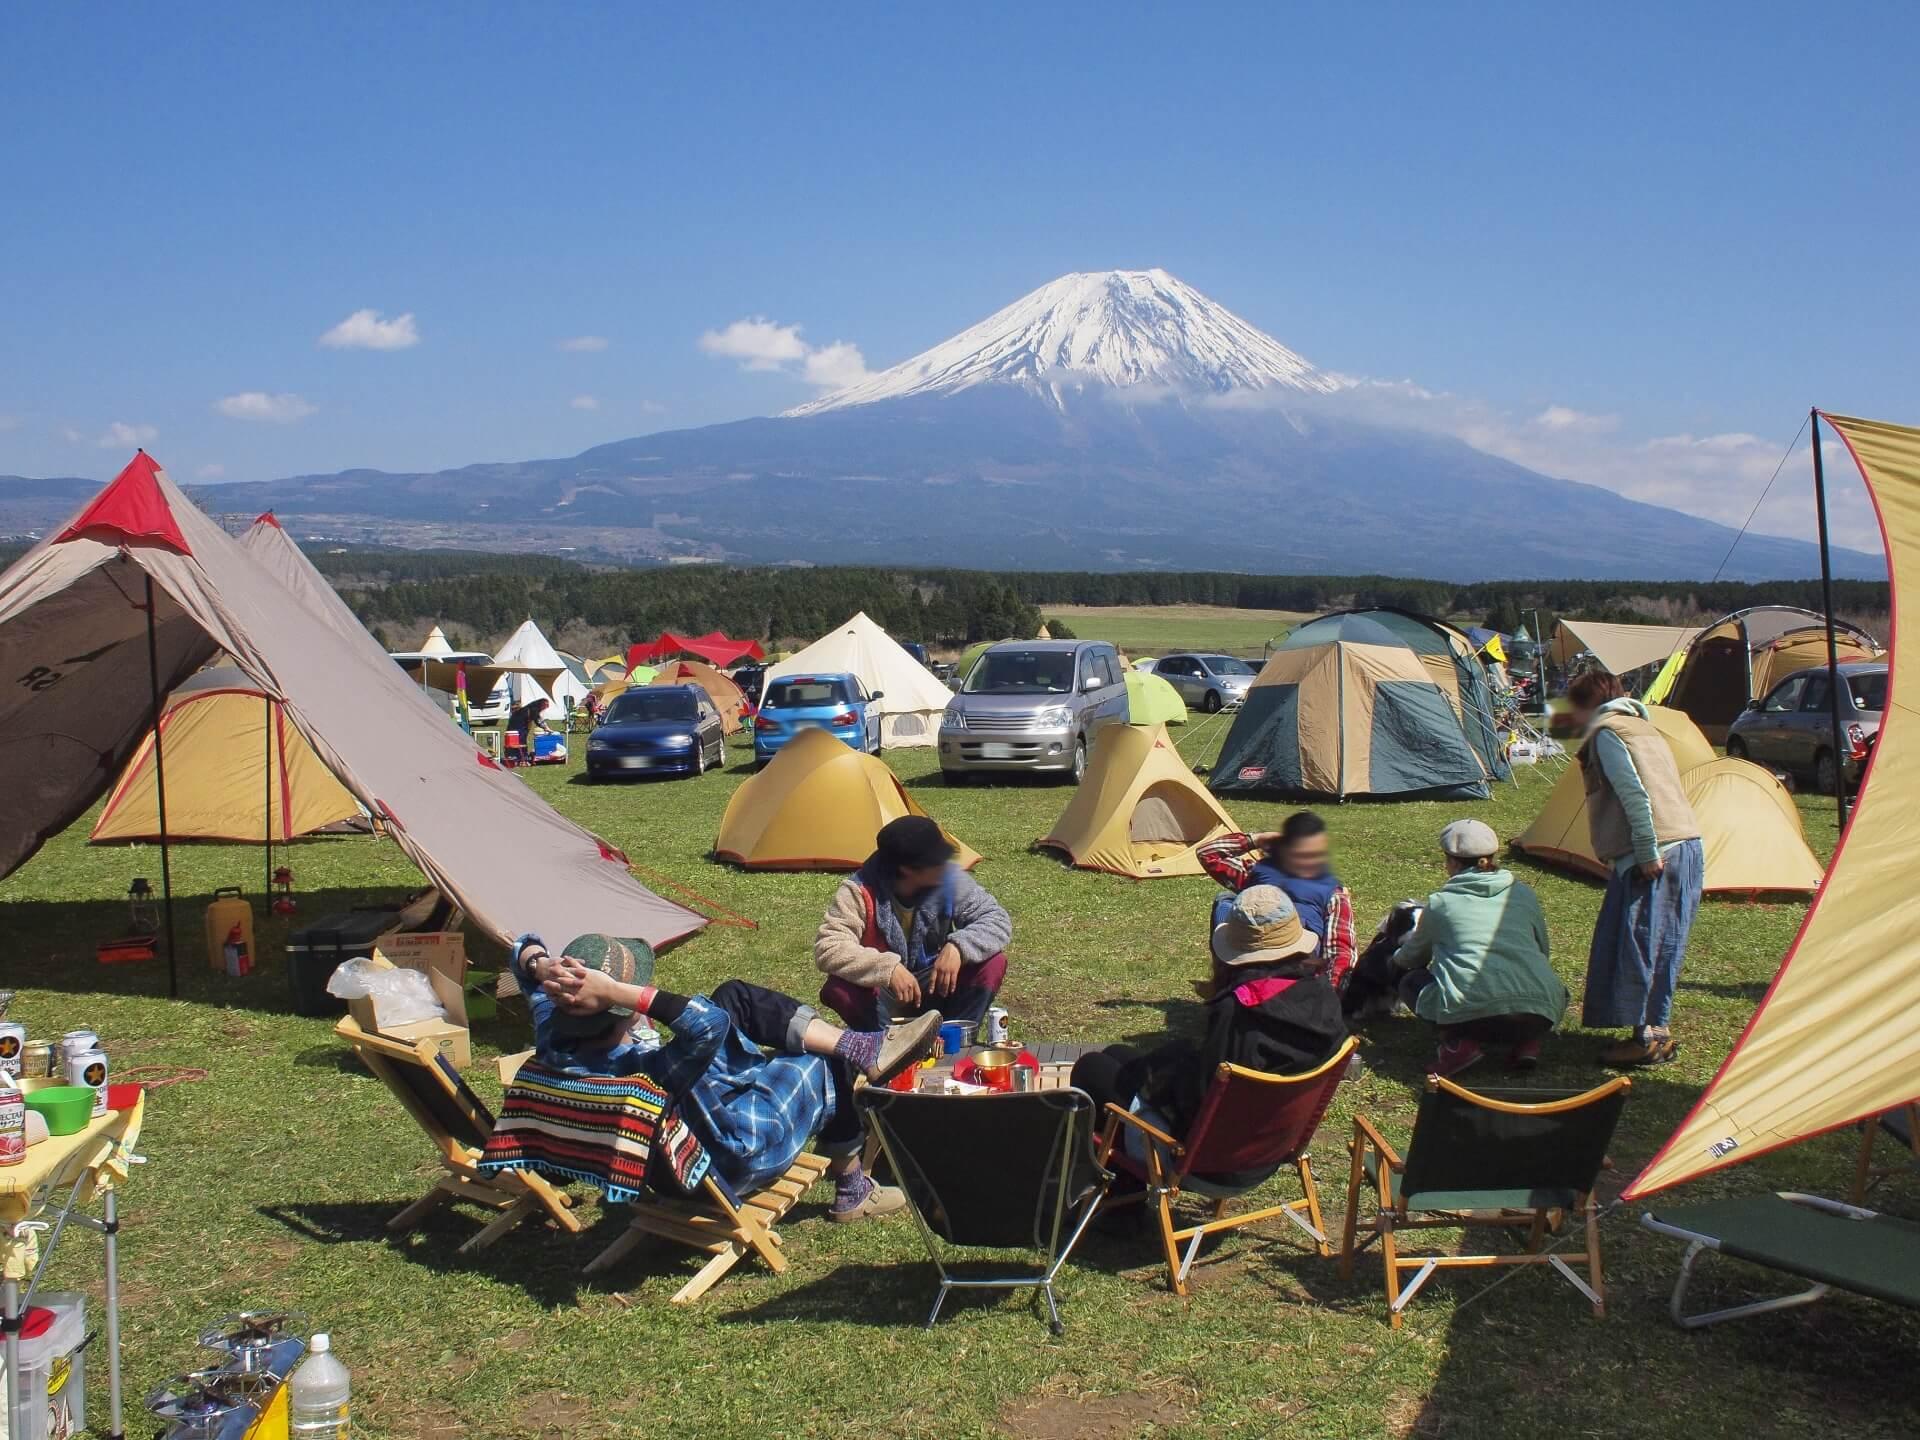 キャンプ初心者が知っておくべきキャンプ場のマナー